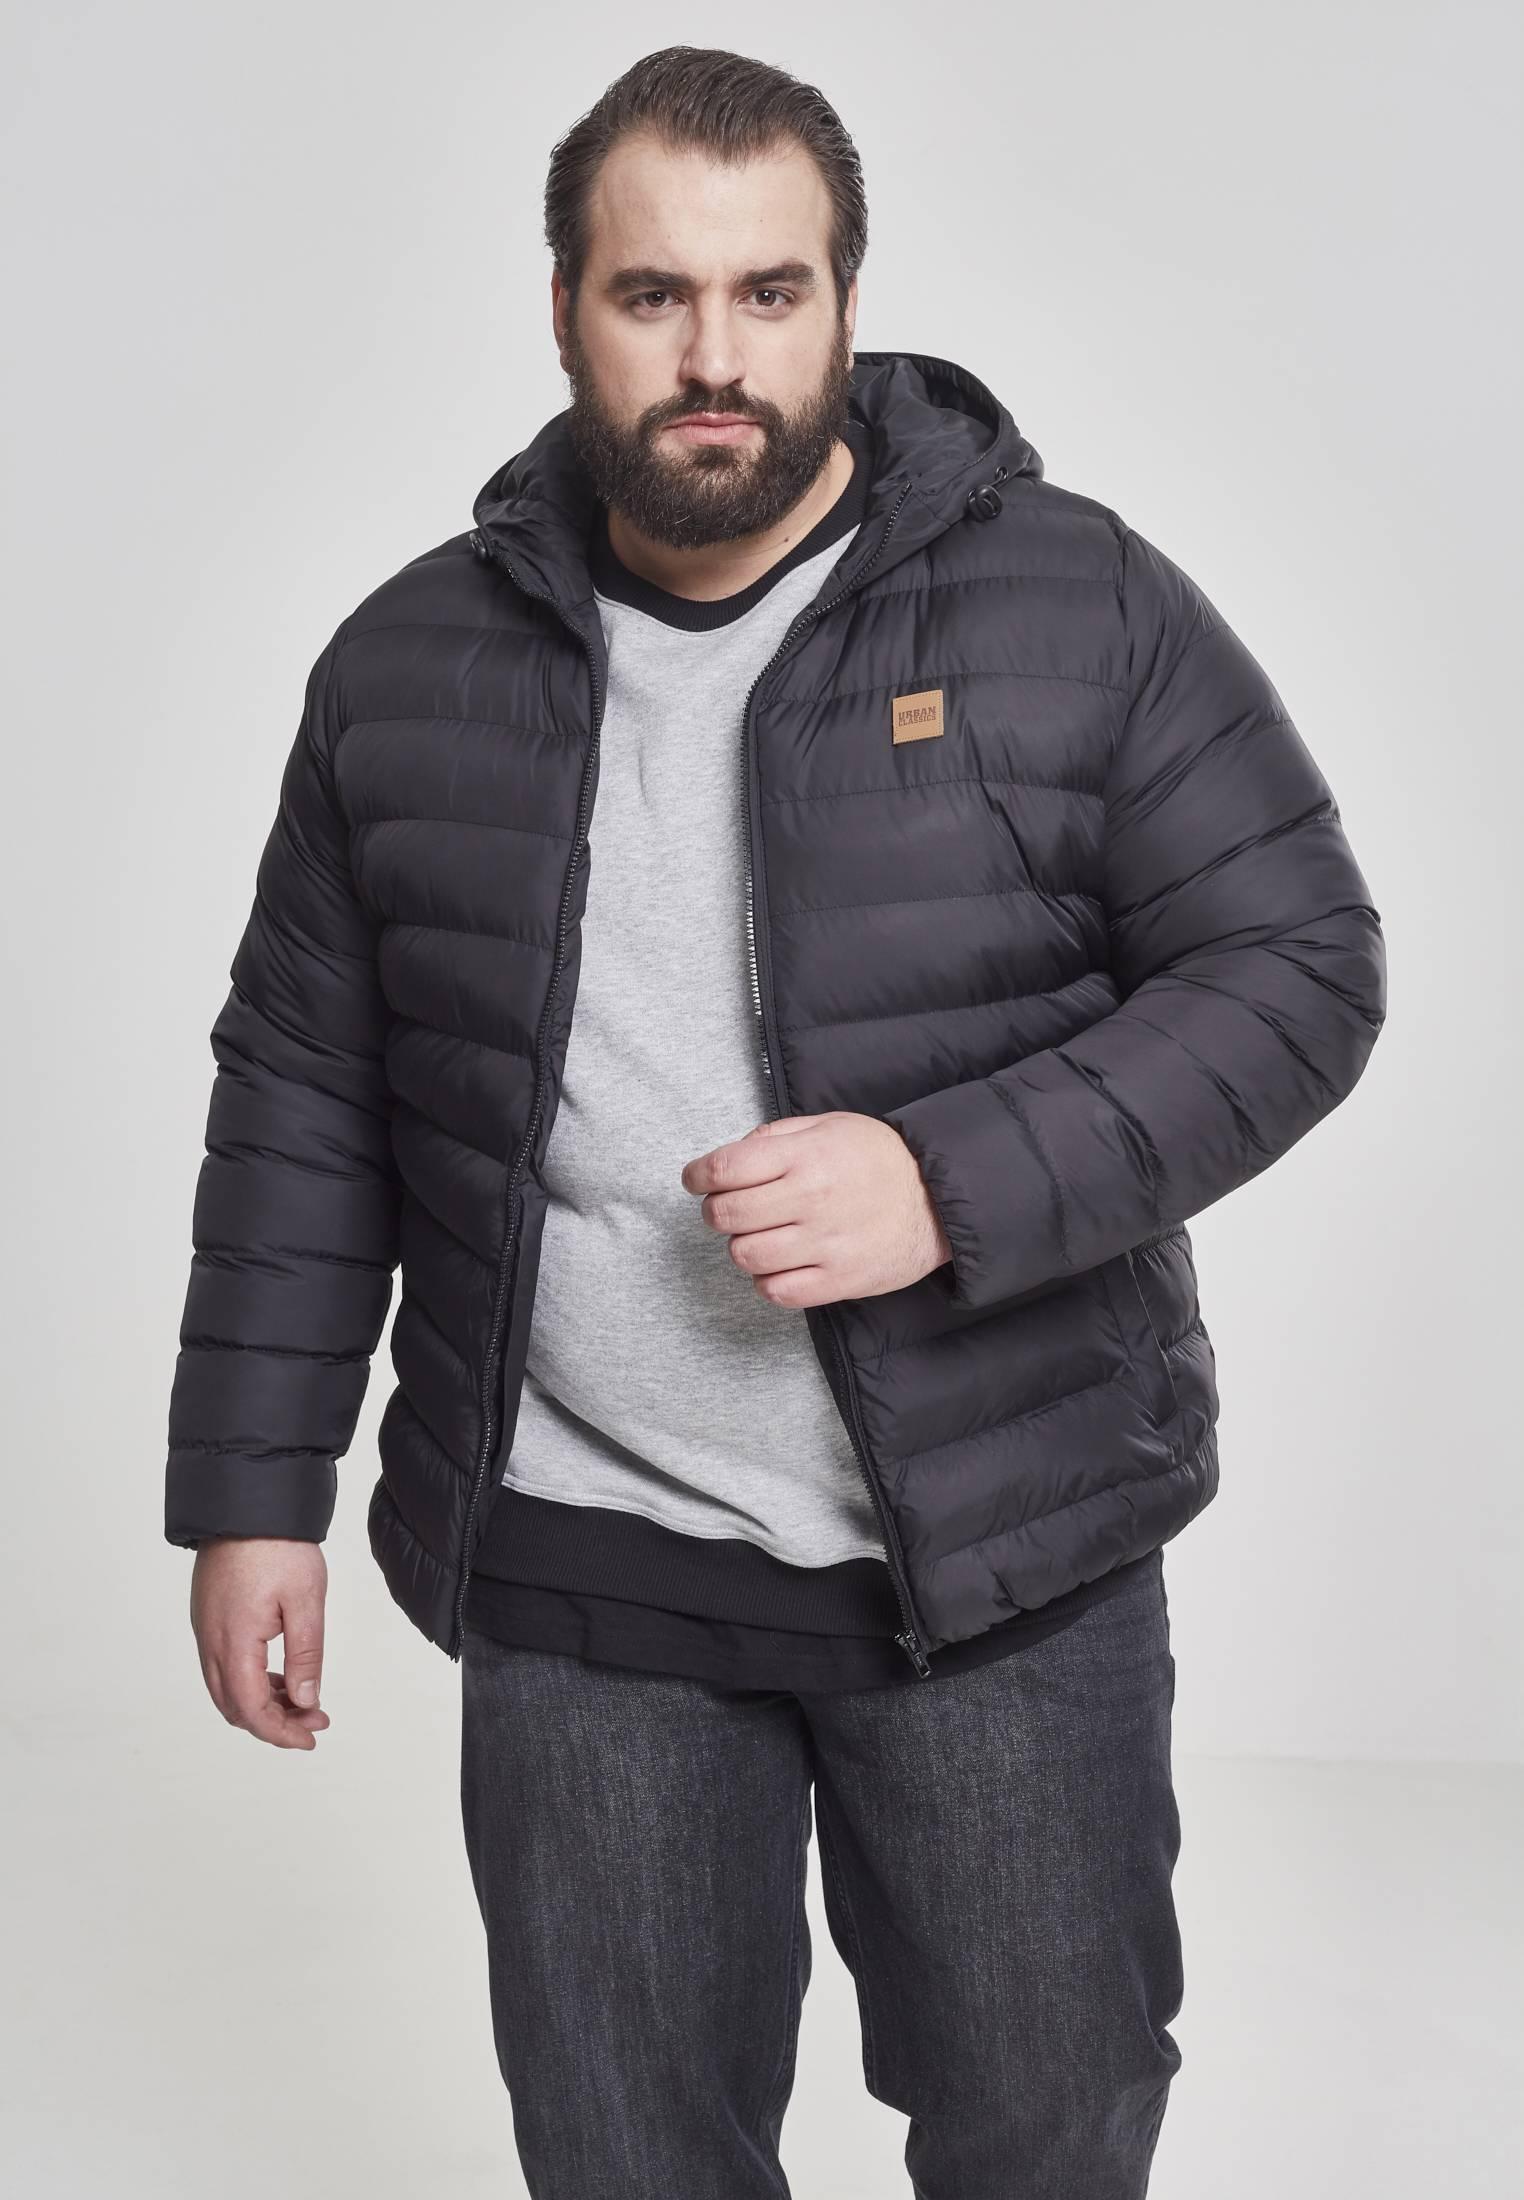 Urban Classics Basic Bubble Jacket blkblkblk - S